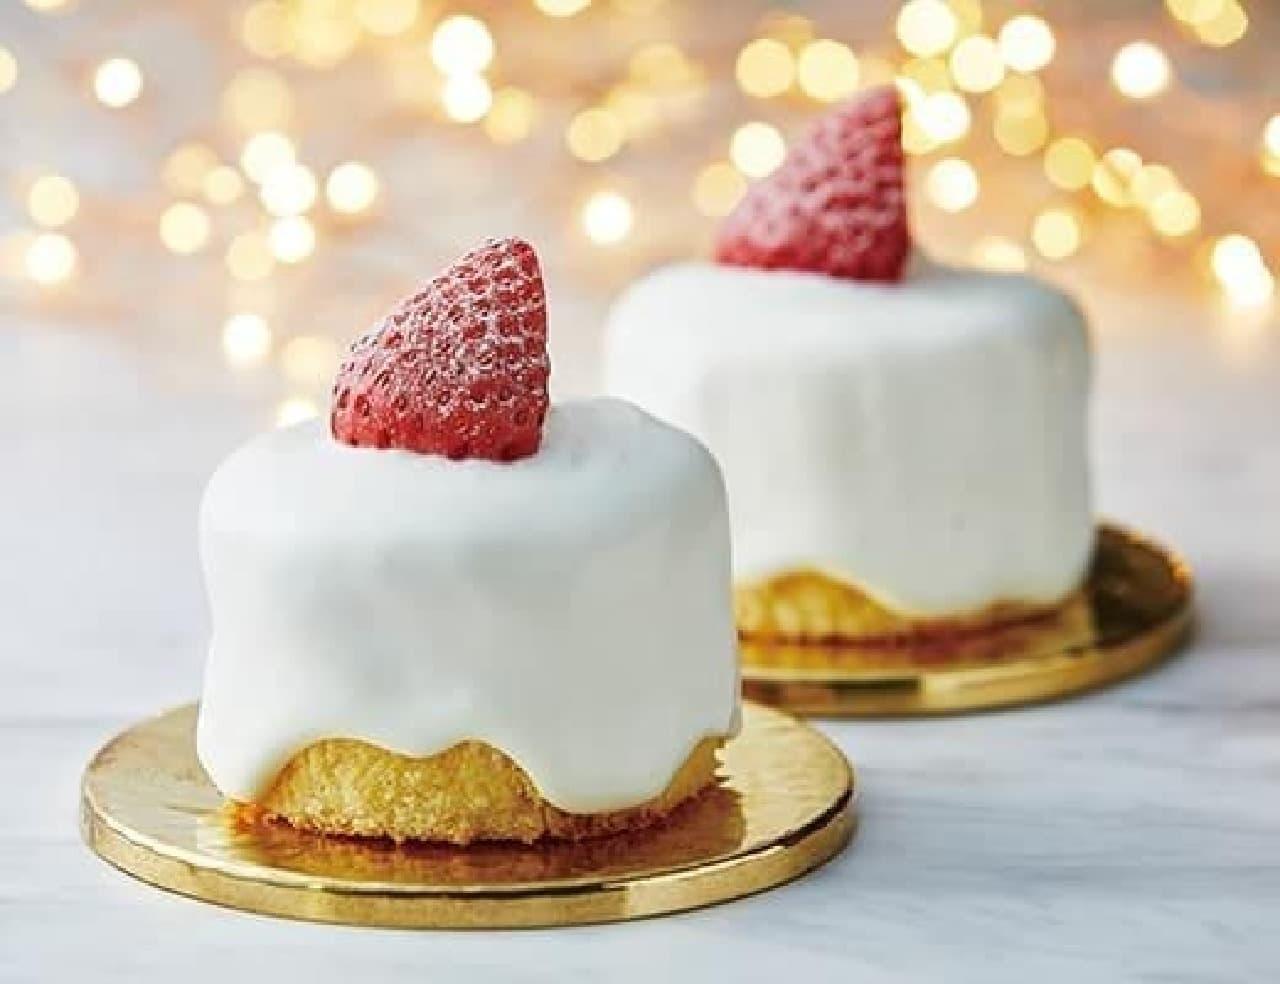 ローソン「苺のキャンドルケーキ」